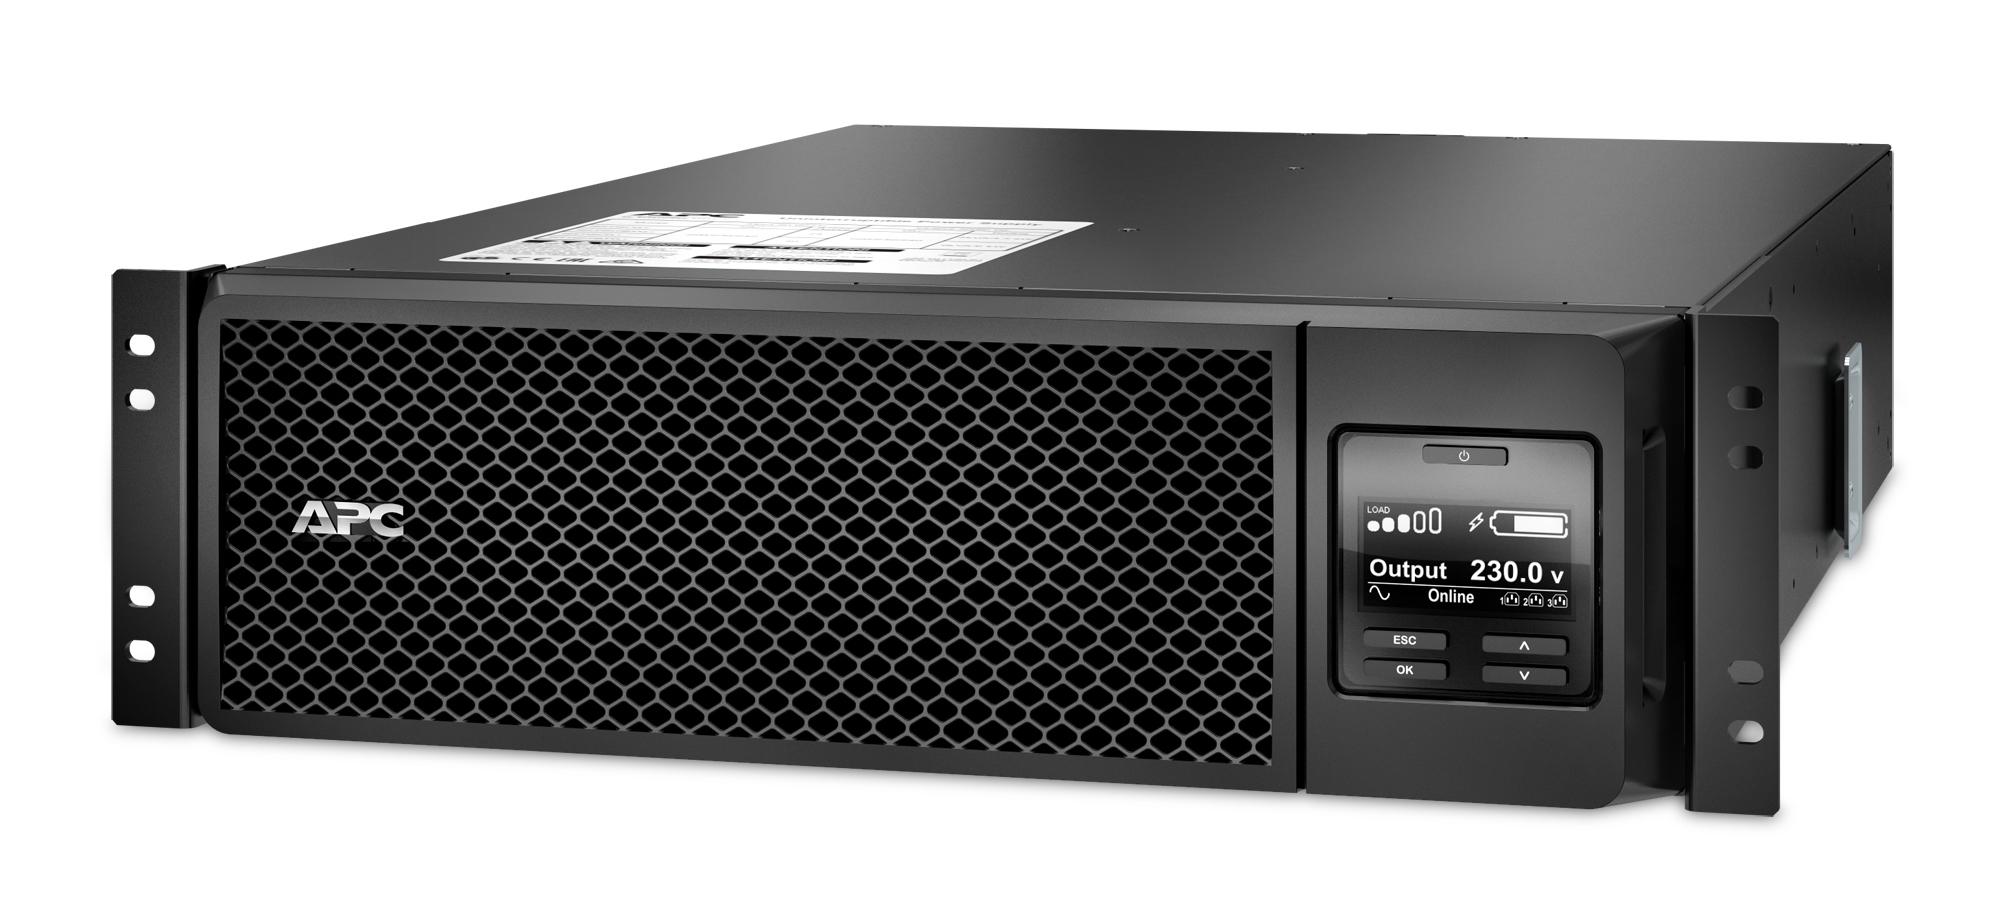 APC Smart-UPS On-Line sistema de alimentación ininterrumpida (UPS) Doble conversión (en línea) 5000 VA 4500 W 10 salidas AC